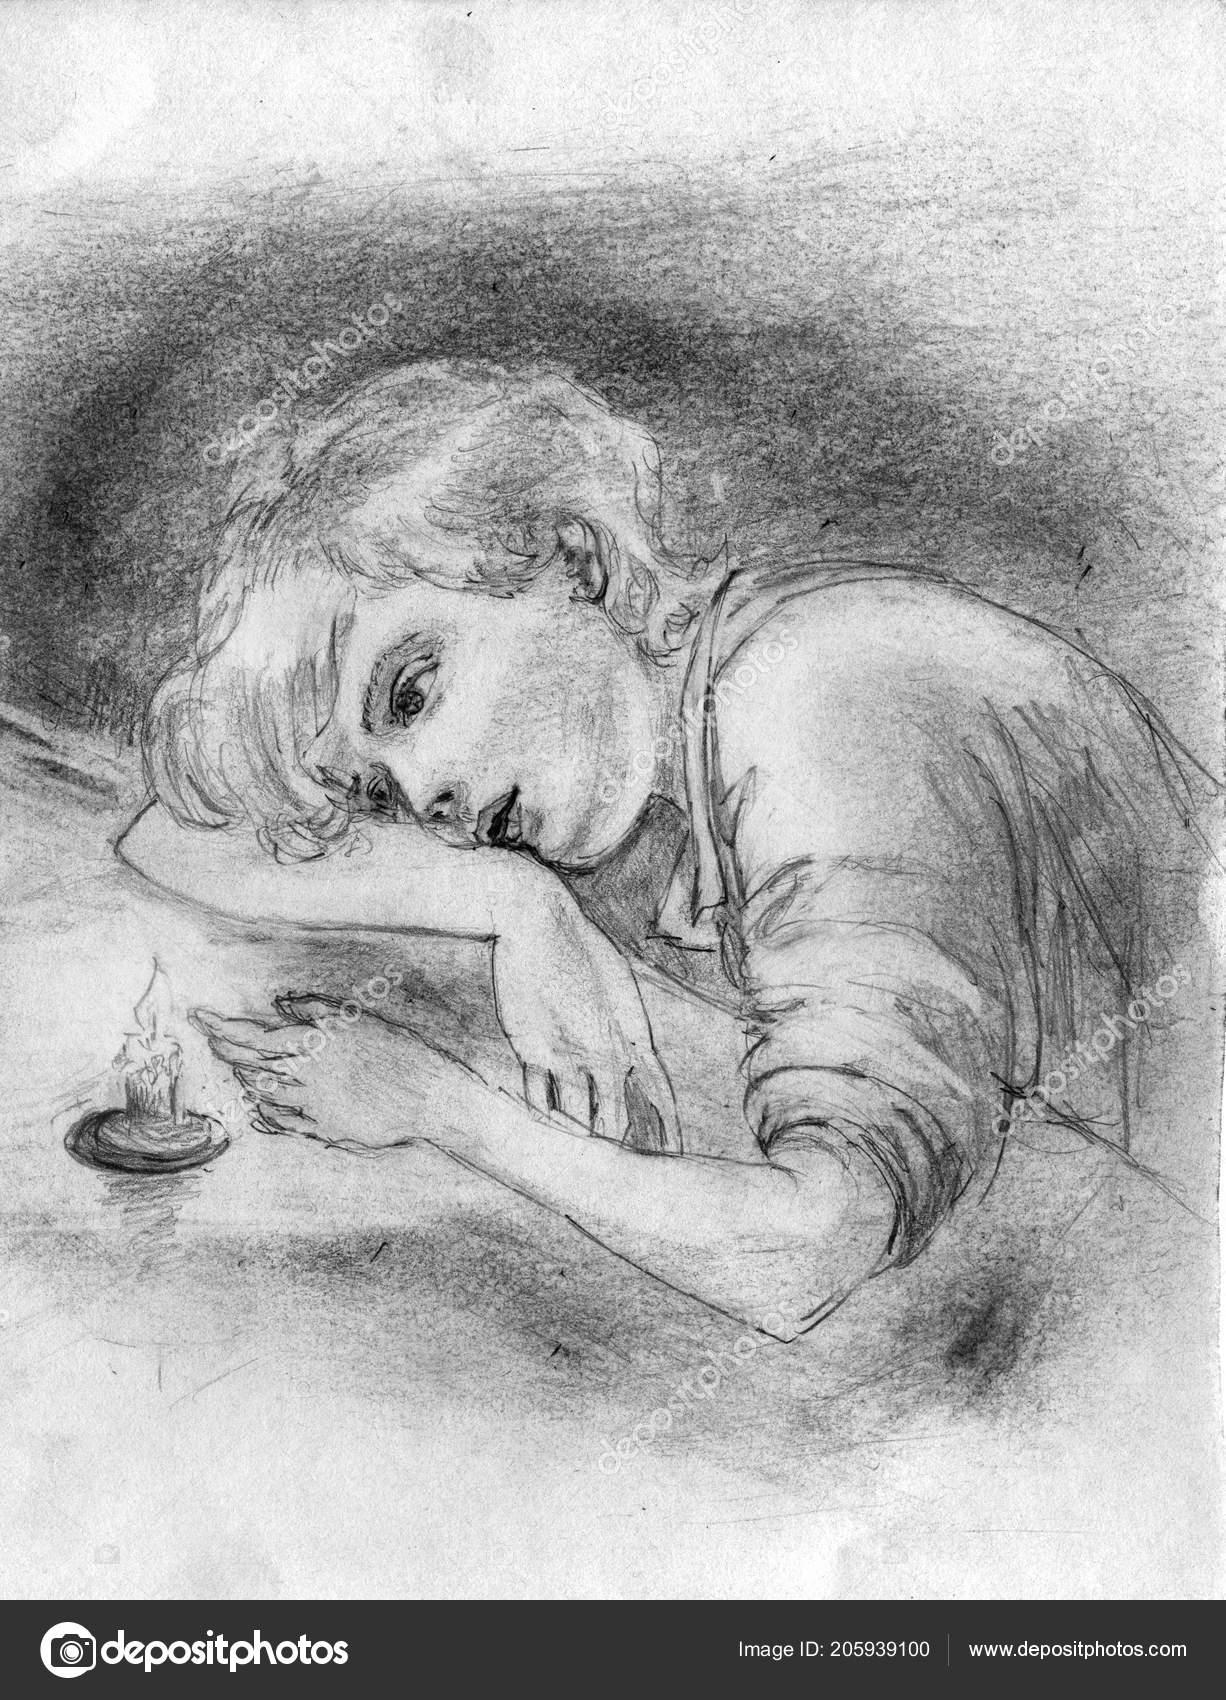 Zamysleny Chlapce Ktery Sedi Stolu Diva Plamen Svicky Kresba Tuzkou